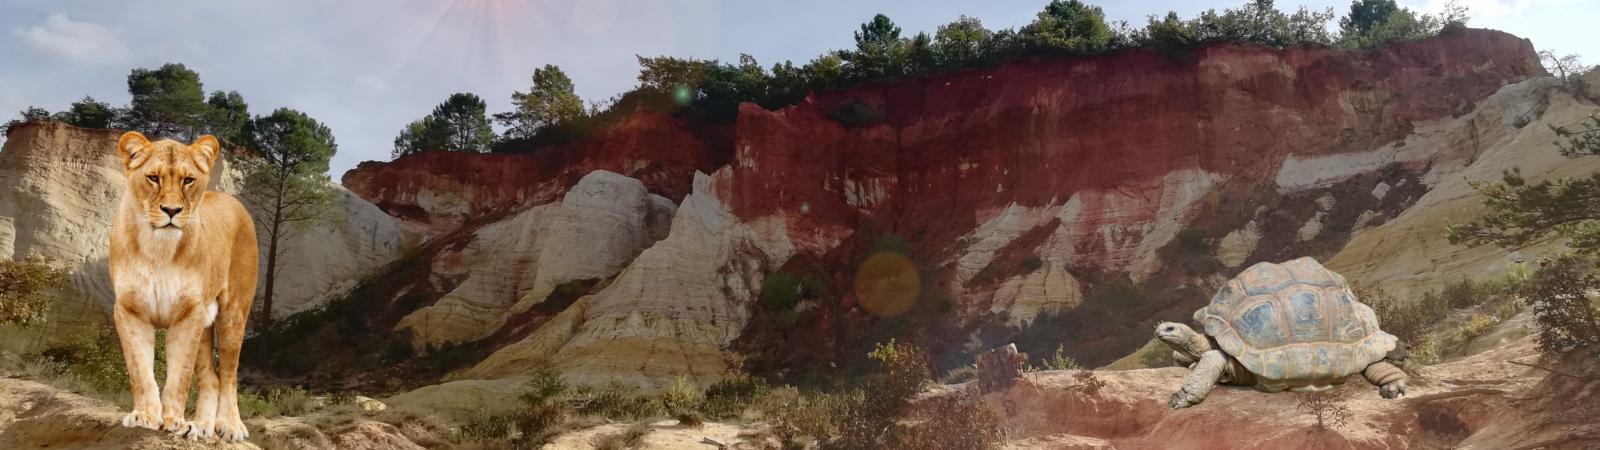 colorado provencal avec animaux et filtres